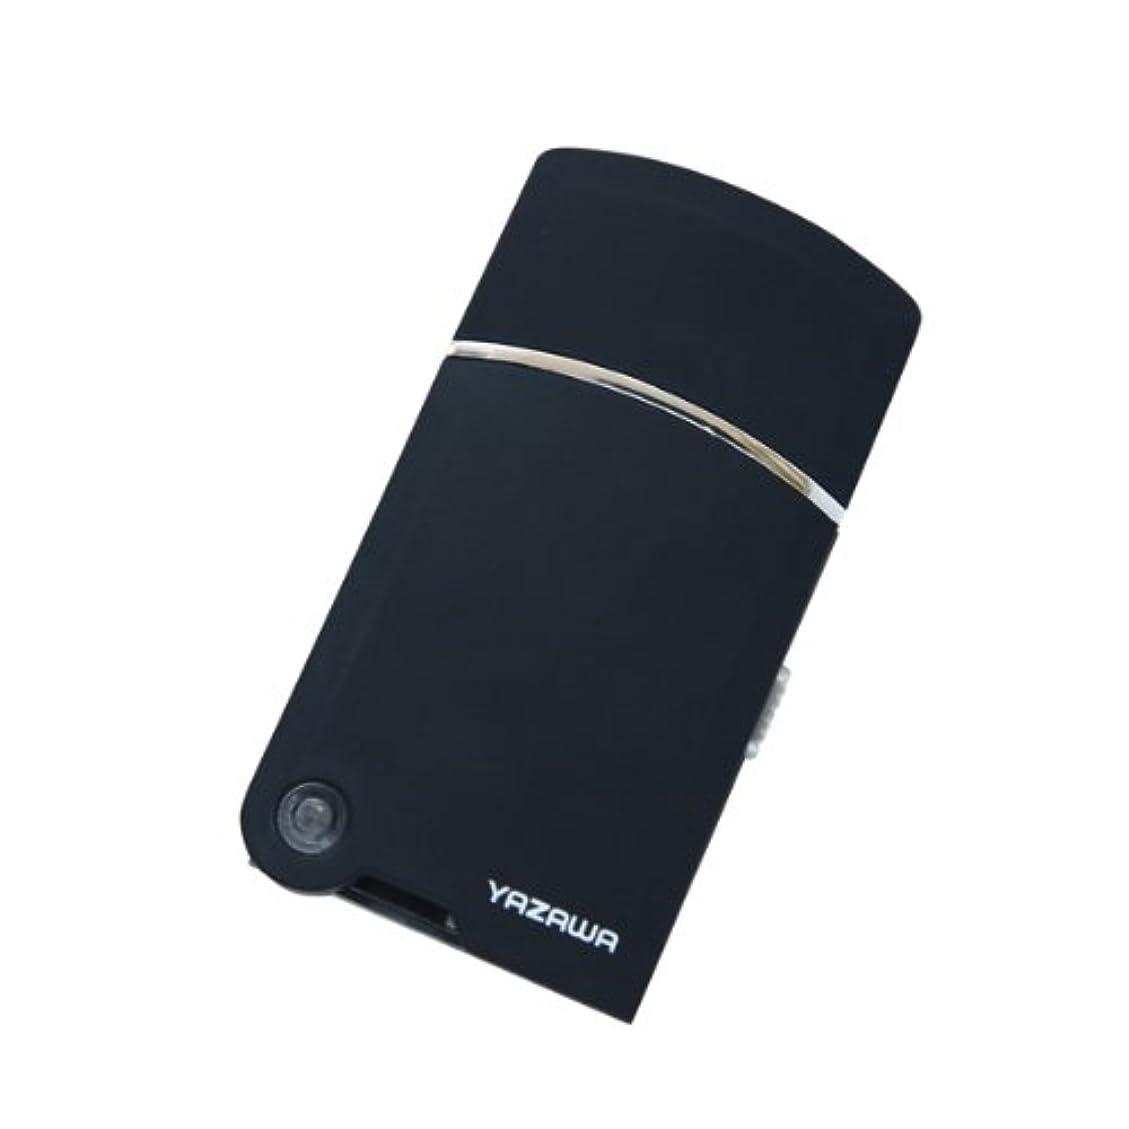 下品予定奨学金ヤザワ トラベルUSBシェーバー USB充電式 掃除用ブラシ付き TVR08BK